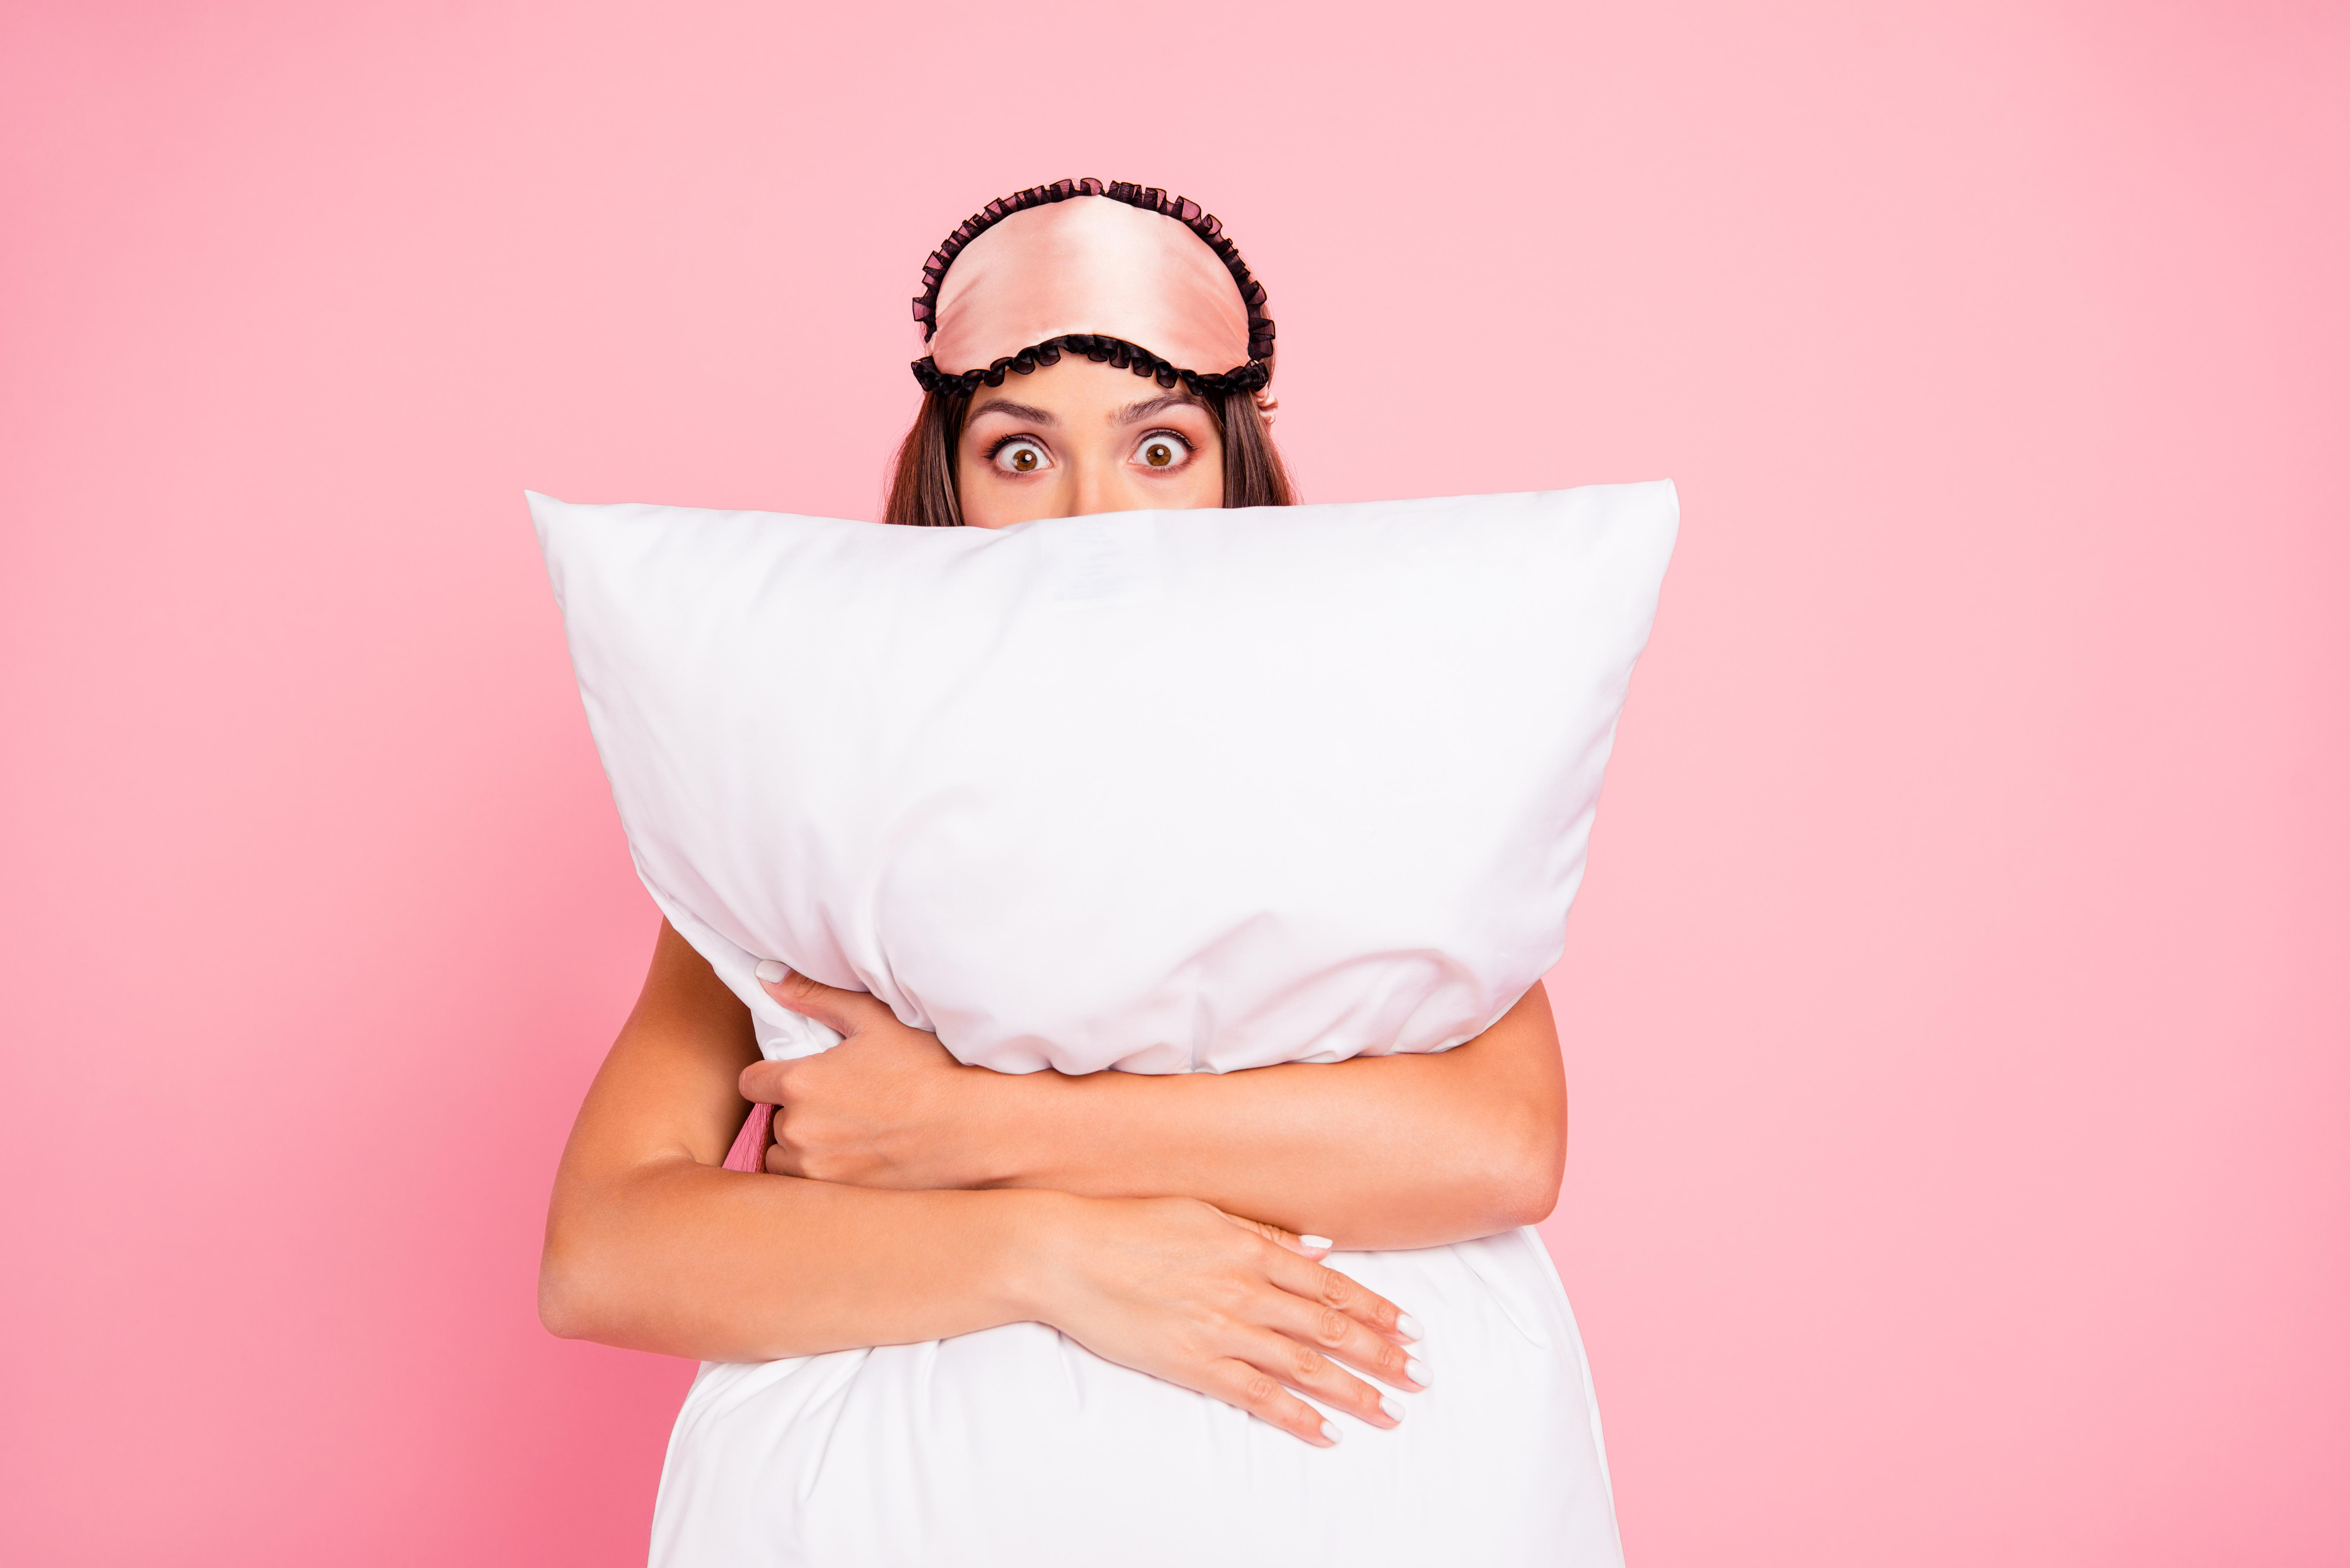 Хормони на съня<br /> Основният хормон, който отговаря за съня и регулира циклите му, е мелатонинът.<br /> Важна роля за производството на хормона на съня играе аминокиселината триптофан, която може да се набави от продукти като пилешко месо, банани, ядки, тофу. За усвояването й е необходимо съдържащите я храни да се комбинират с въглехидрати - например сандвич с пуешко.